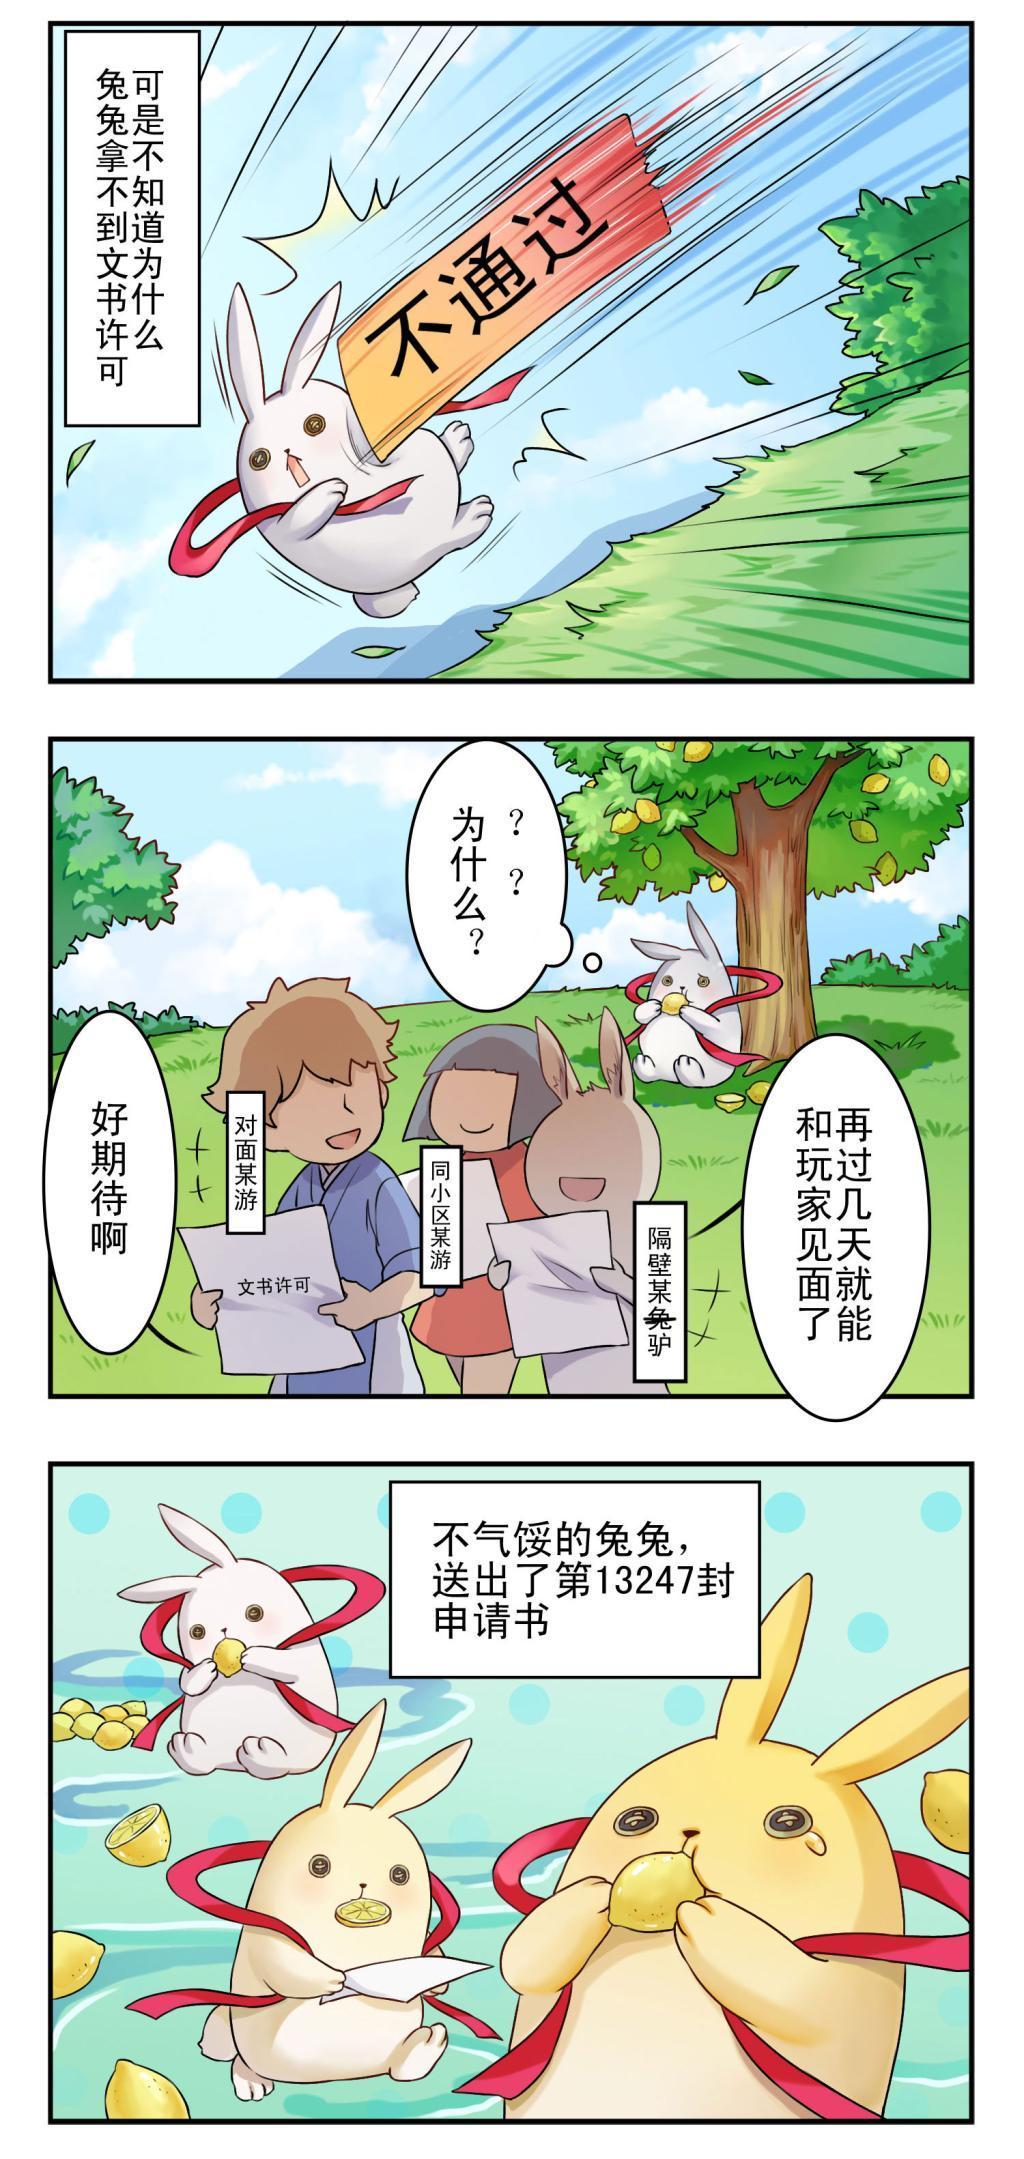 长安凉凉绘s条漫第1话s成稿_03.jpg